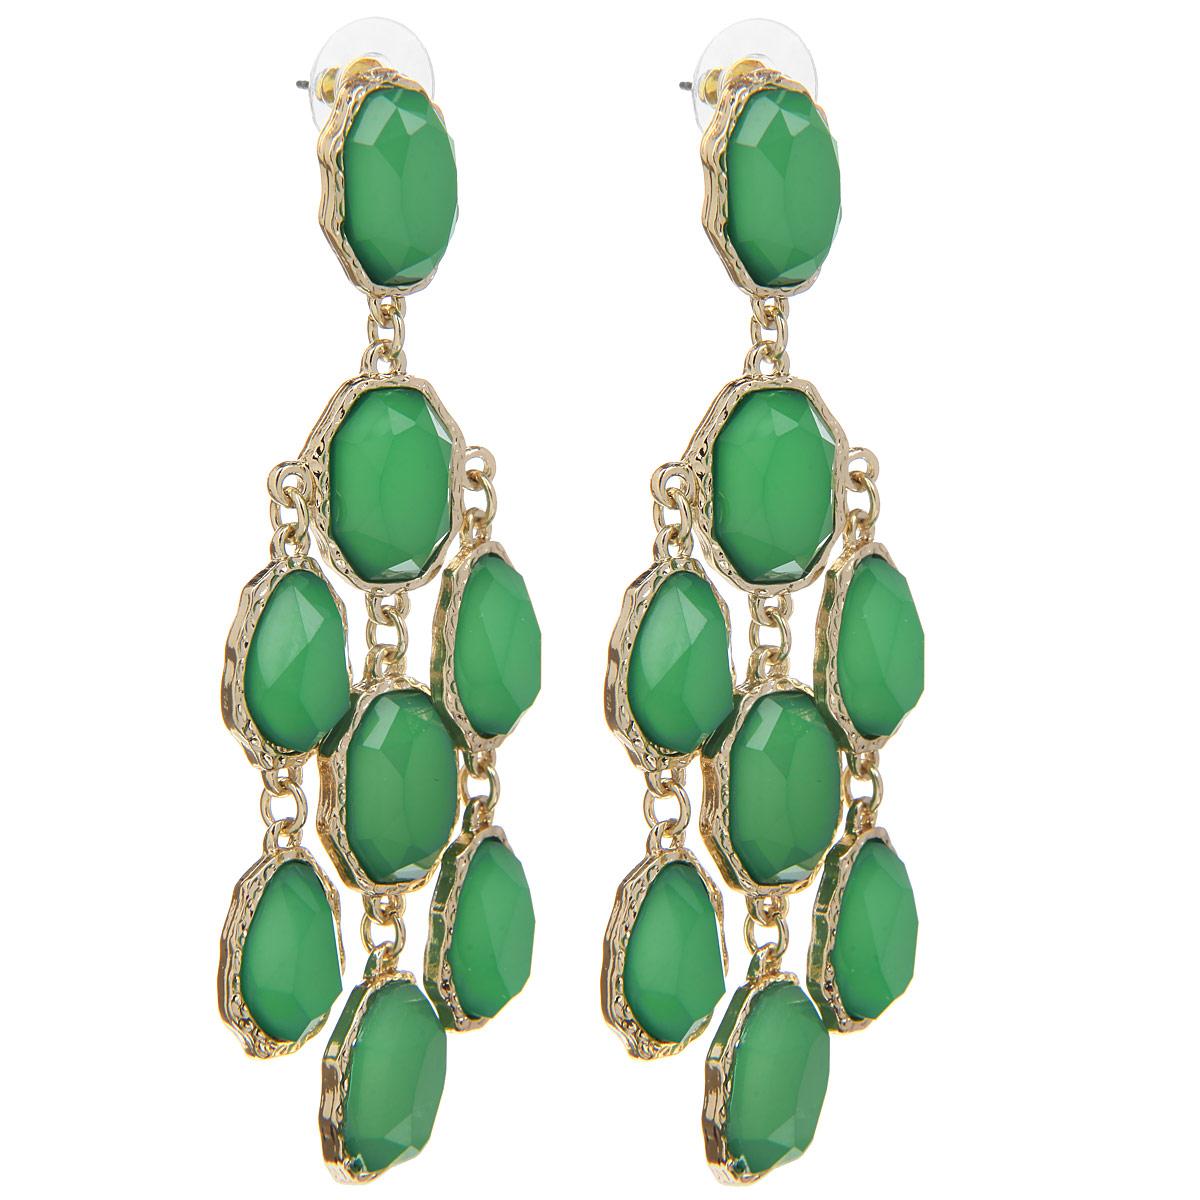 Серьги Taya, цвет: золотистый, зеленый. T-B-6243T-B-6243-EARR-GL.EMERALDОригинальные серьги Taya модного дизайна, выполненные из гипоаллергенного сплава на основе латуни, гальванического покрытия и пластика, не оставят равнодушной ни одну любительницу изысканных и необычных украшений. Серьги с крупными зелеными камнями, обрамленными золотой резьбой игриво движутся при ходьбе. Подойдут к колье и браслетам этой коллекции. Размер крупного камня 1,5 х 2 см. Закрываются на замок-гвоздик с пластмассовой задвижкой. Такие серьги позволят вам с легкостью воплотить самую смелую фантазию и создать собственный, неповторимый образ.